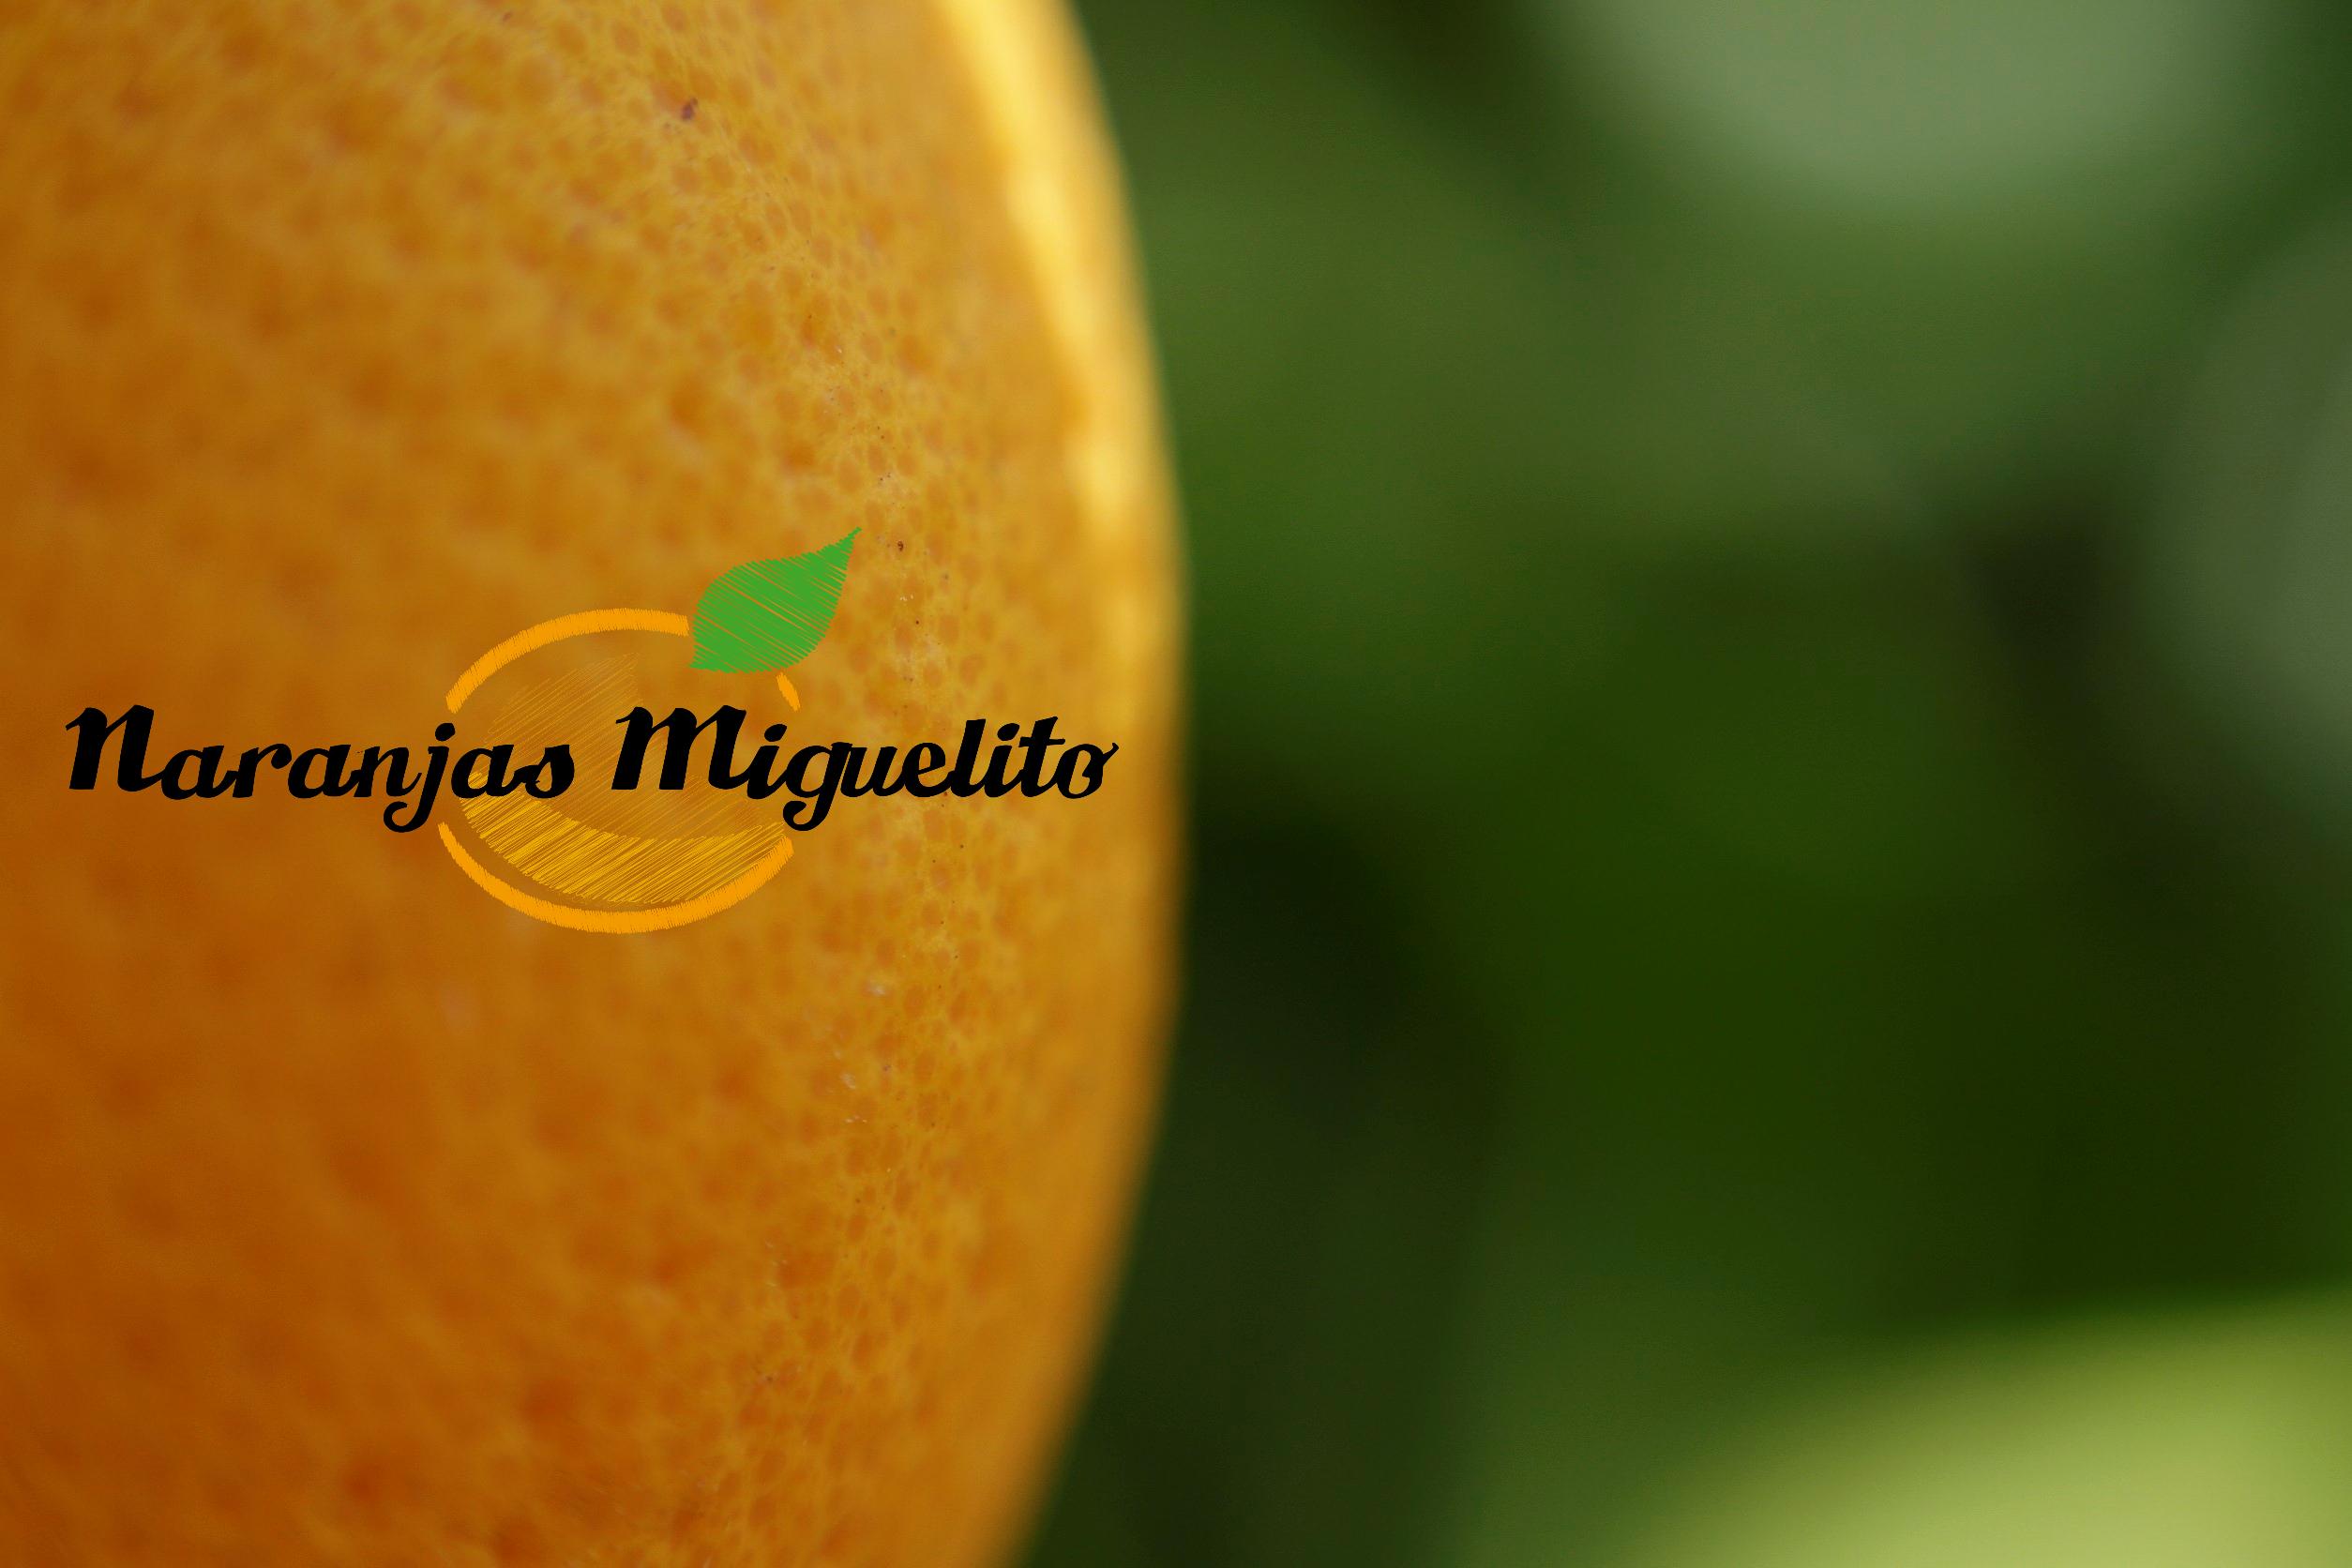 venta online de naranjas y mandarinas